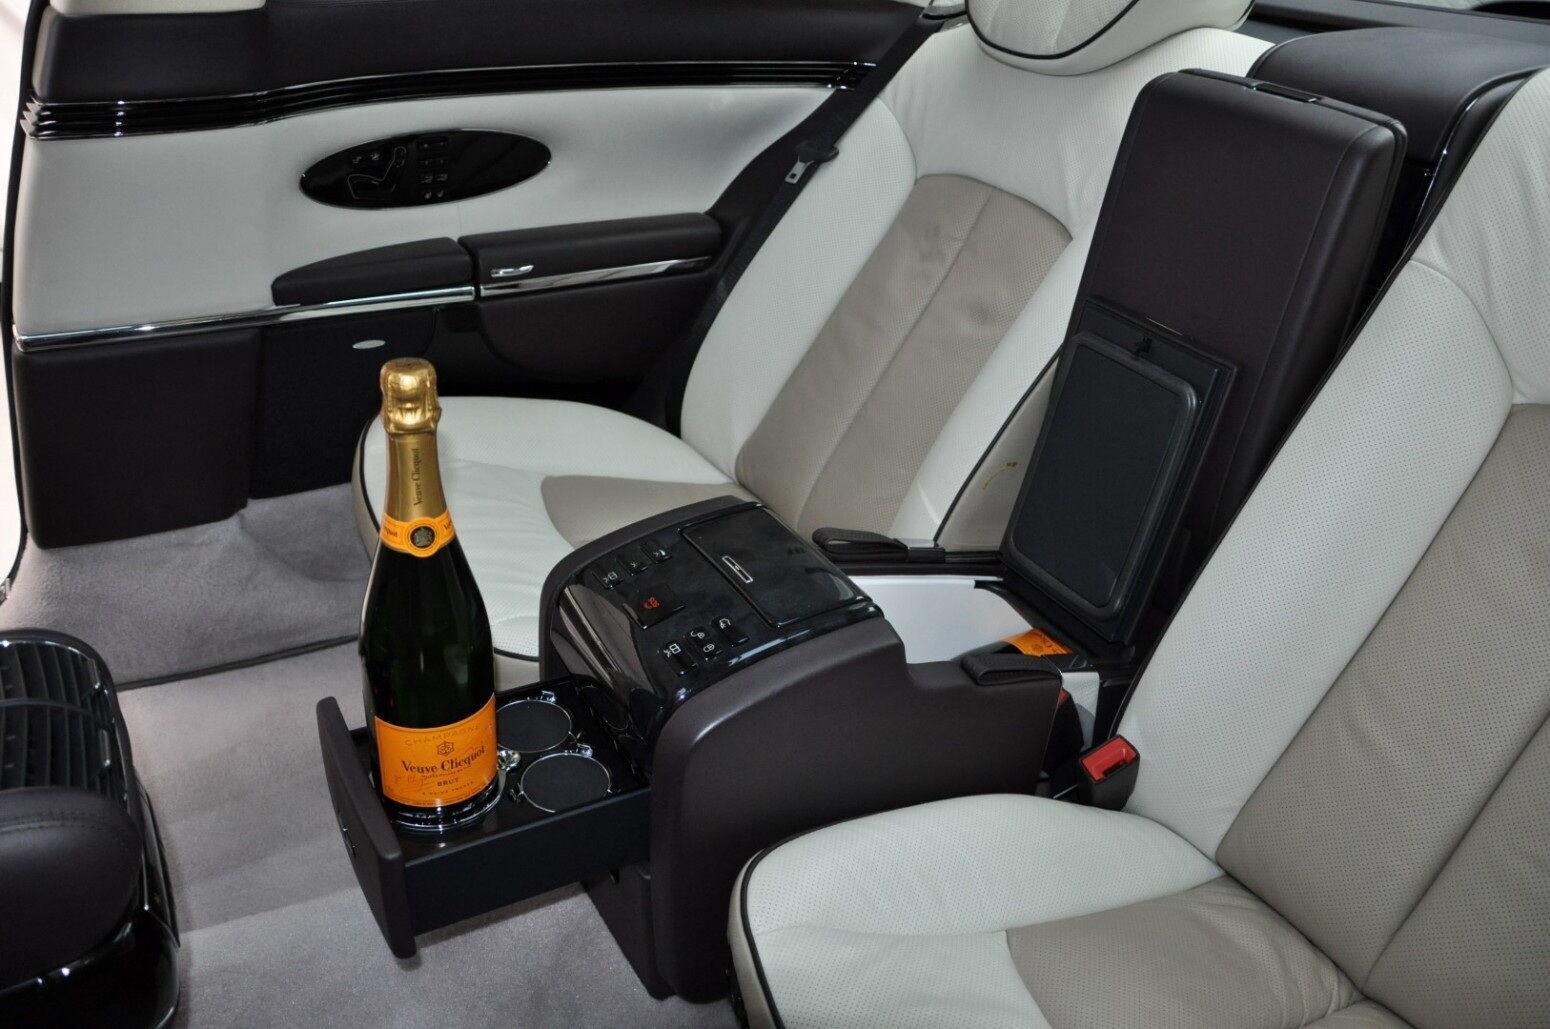 Автомобиль получил все возможные для заказа опции, включая холодильник и минибар